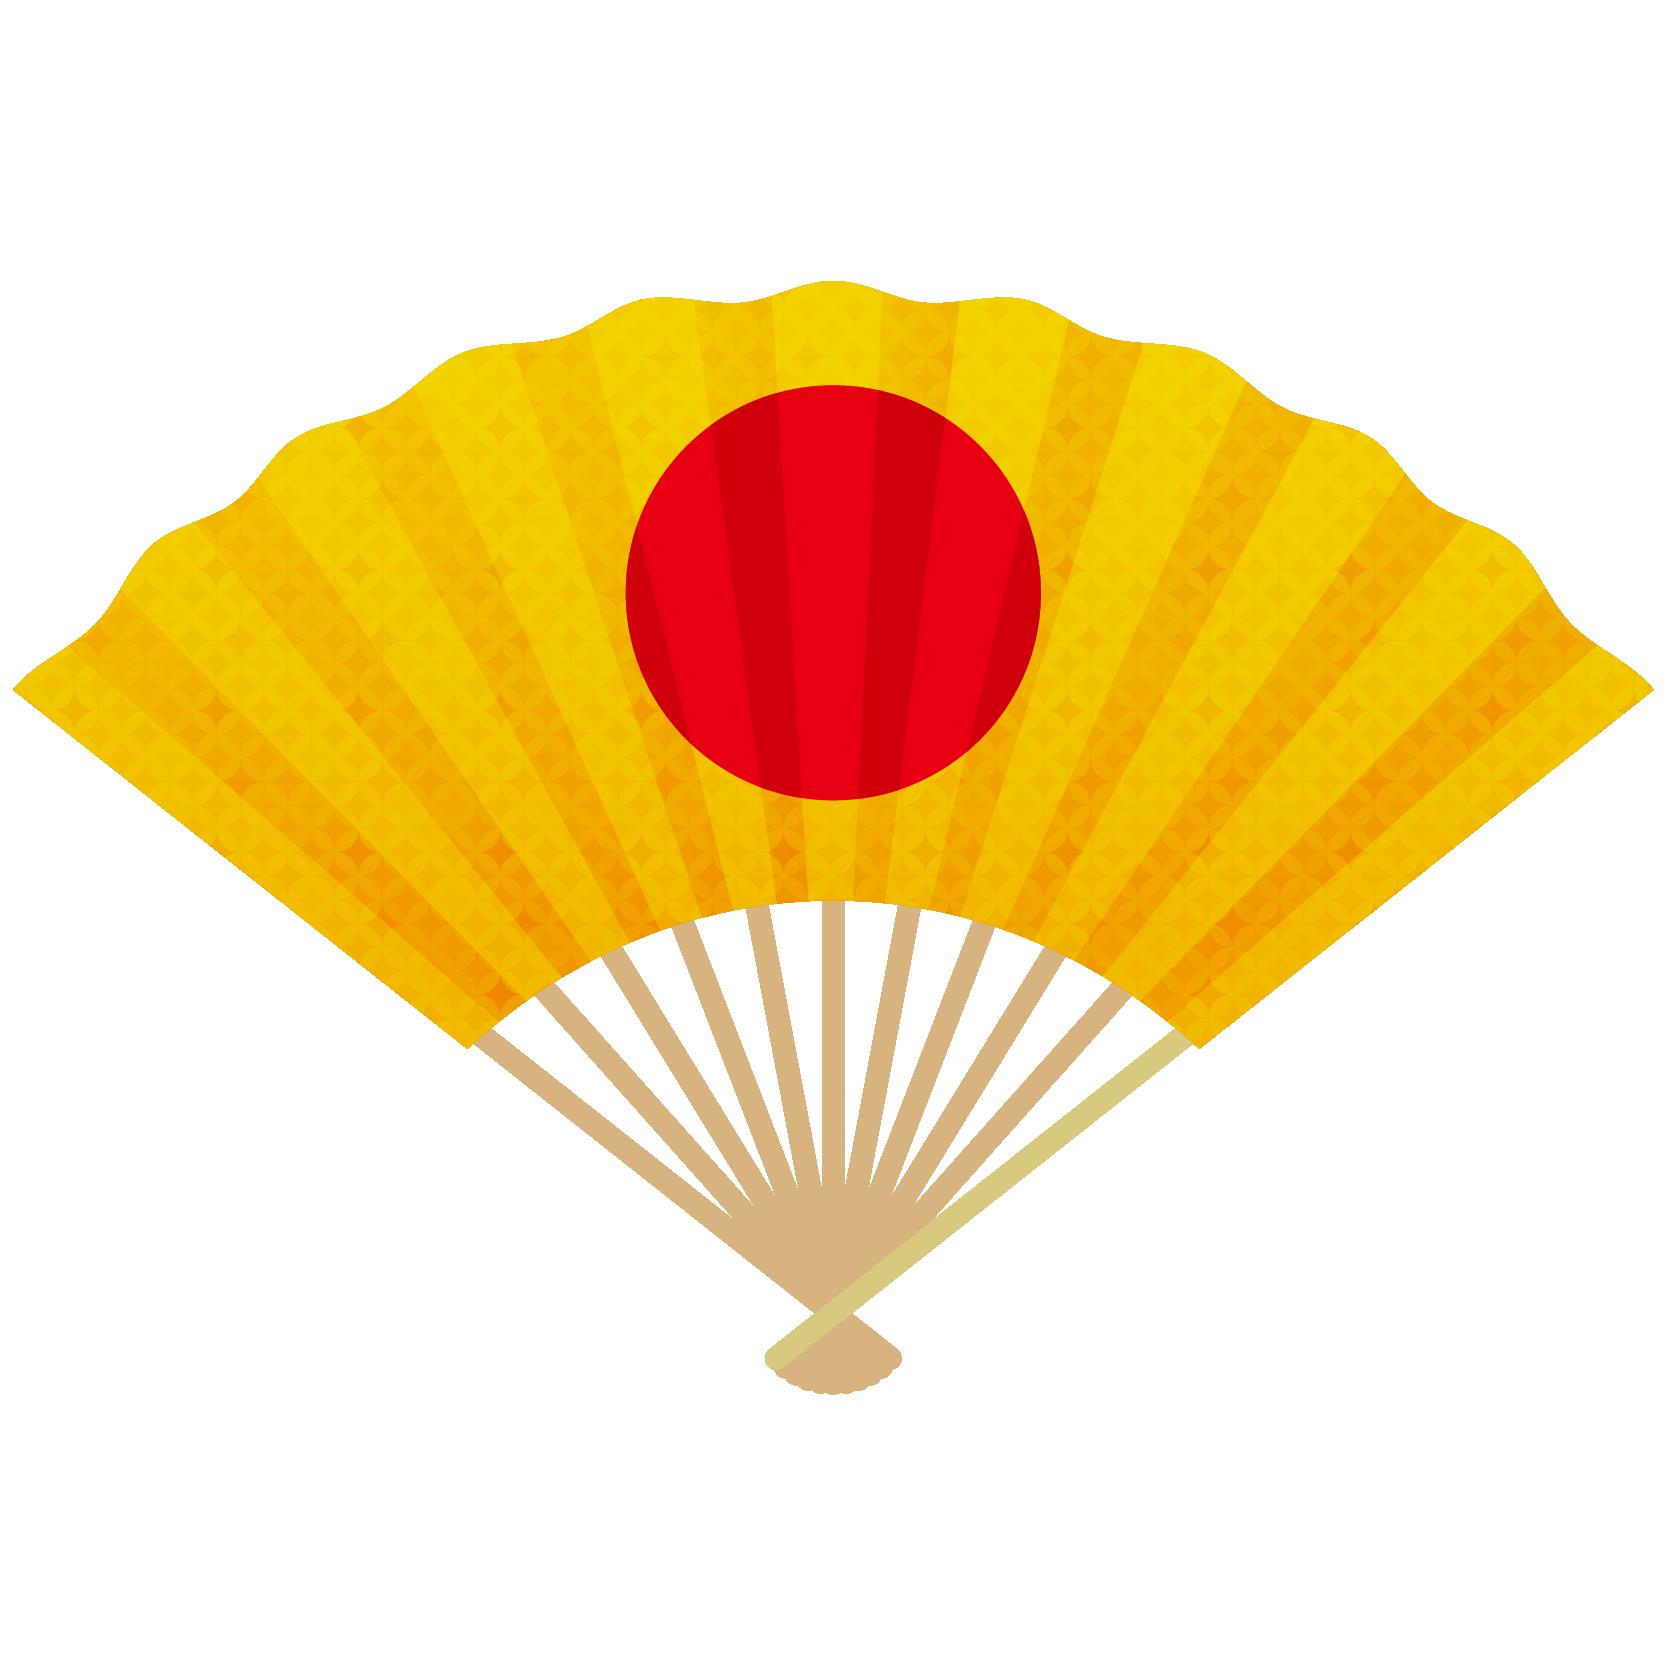 商用フリー・無料イラスト_縁起物_扇(扇子・せんす)金・日の丸